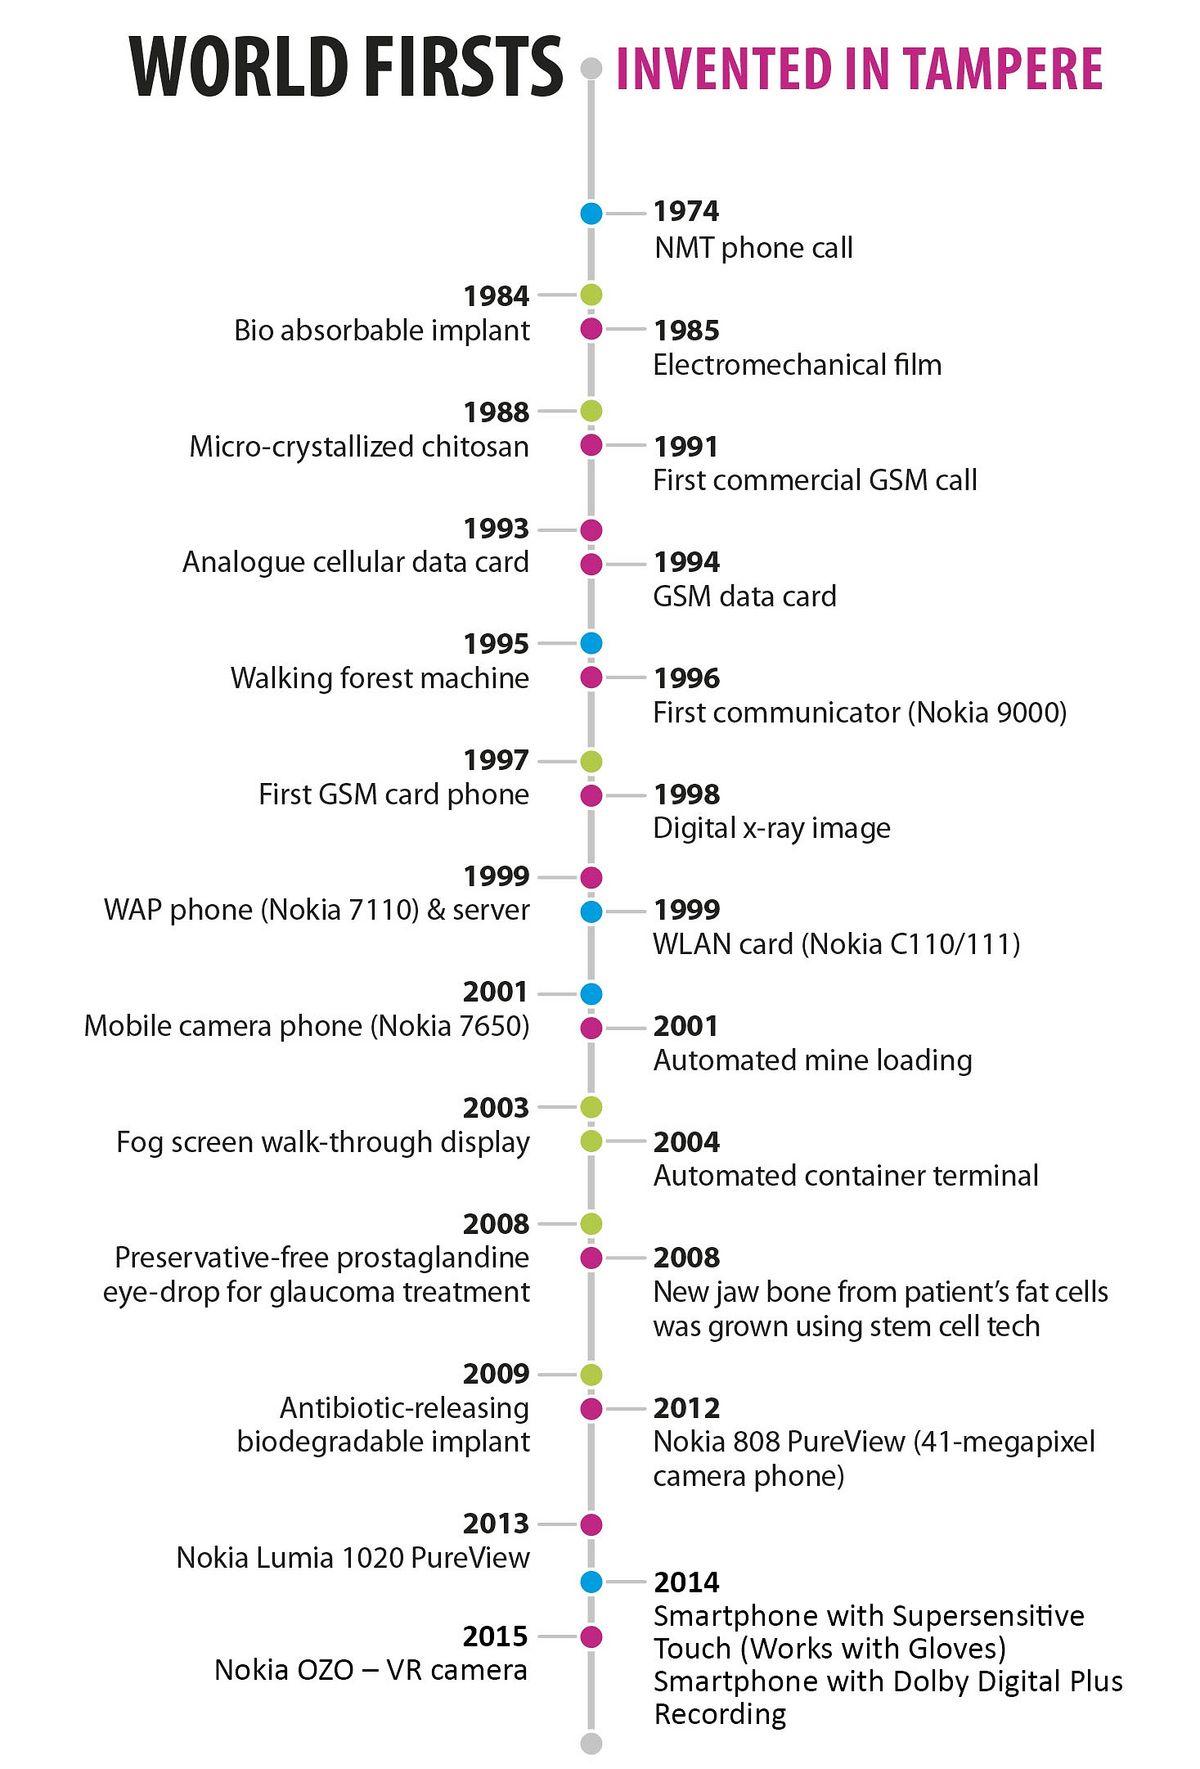 Pohjoismaiden ensimmäisestä sähkövalosta Nokian OZO-kameraan – Tampereella on syntynyt monia uraauurtavia keksintöjä.